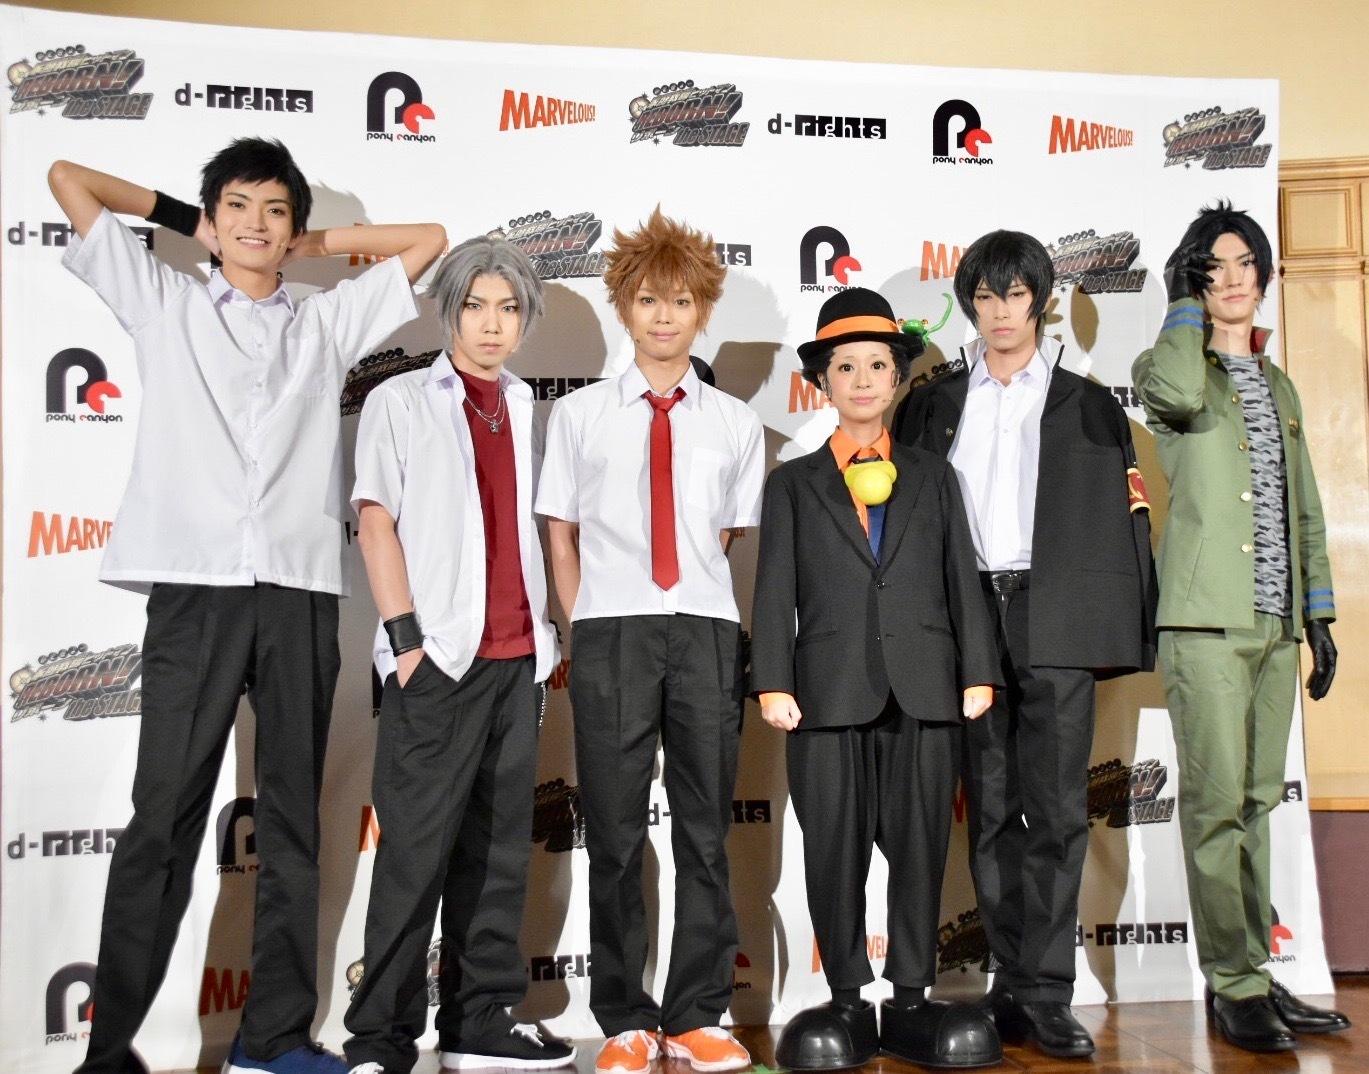 左から、山本涼介、桑野晃輔、竹中凌平、ニーコ。岸本勇太、和田雅成